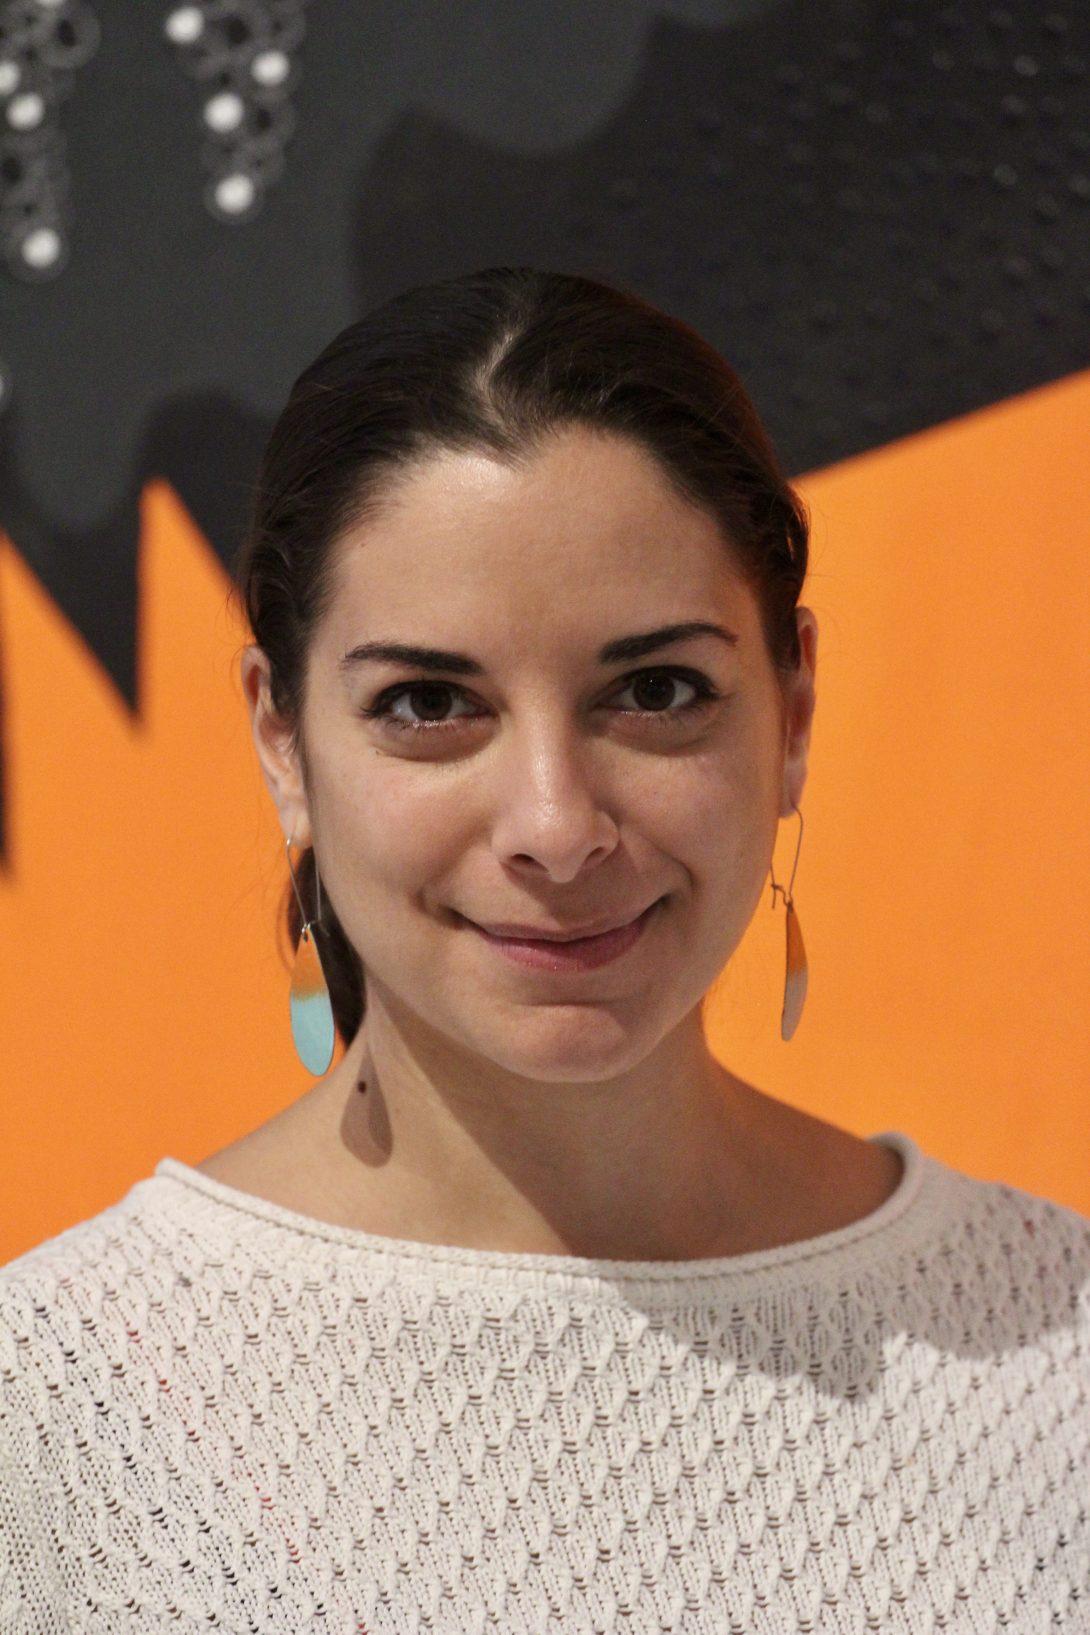 Ana Perry